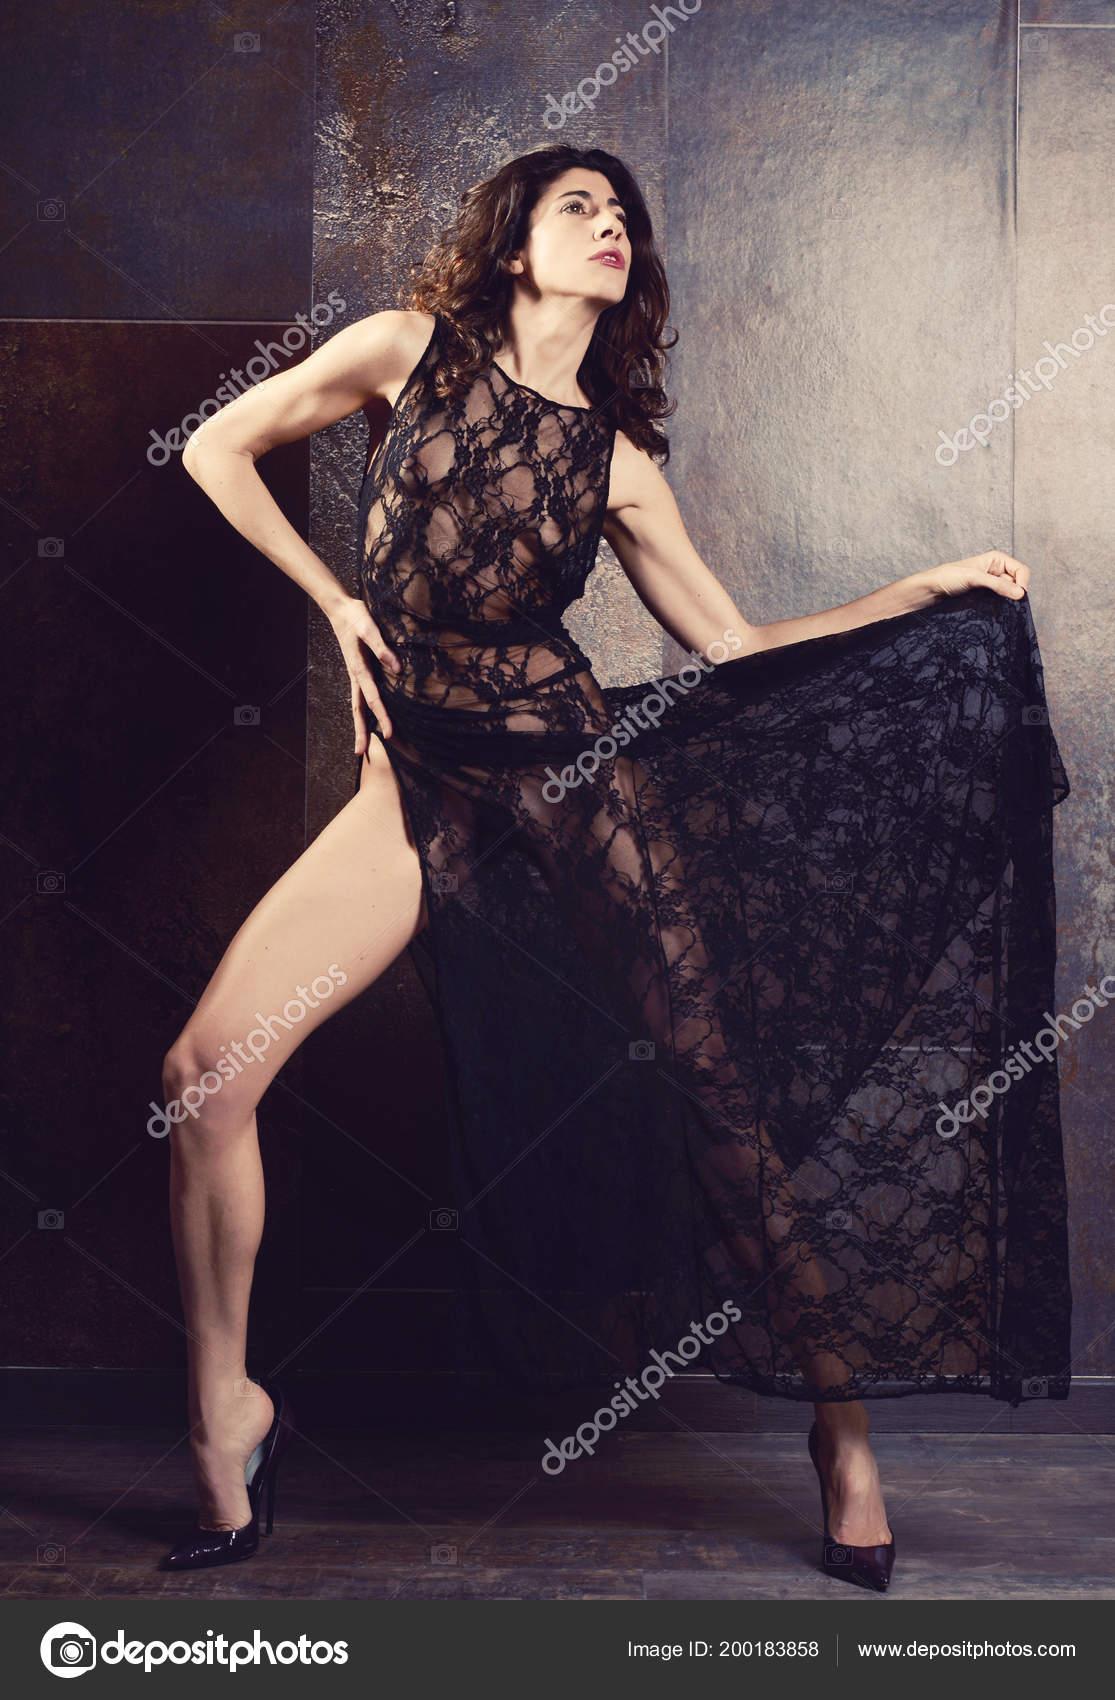 Фото сексуальное тело в платье, порно видео русское онлайн сайты